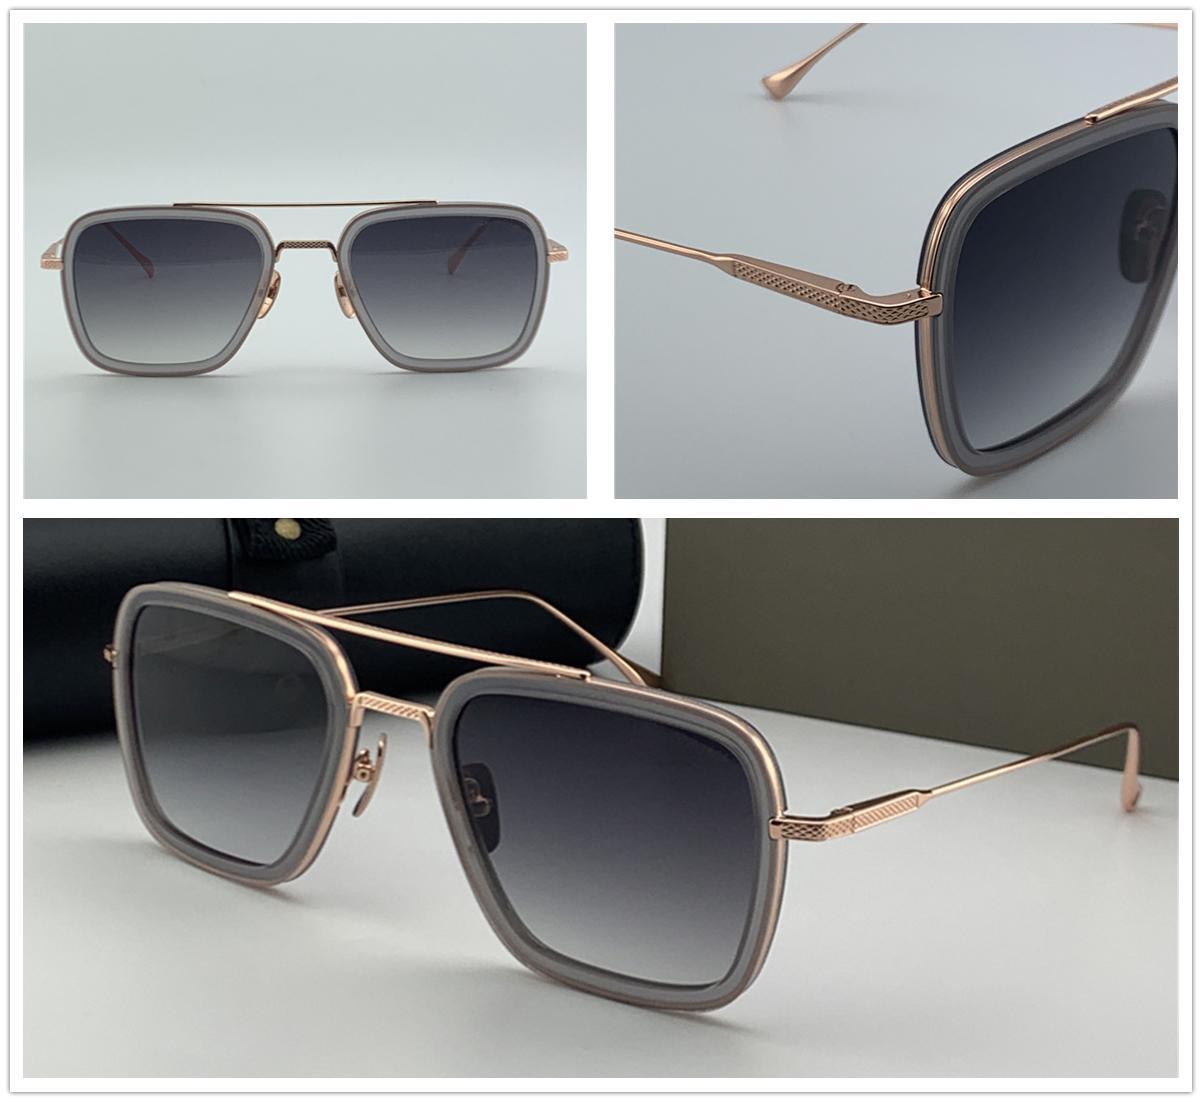 Tasarımcı Shades Sonnenbrille Erkek Tasarımcı Güneş Gözlüğü Kosta Göz Çerçeveleri Bayan Tasarımcı Gözlük Vintage Metal Gözlük Altın Çerçeve Gözlük 006